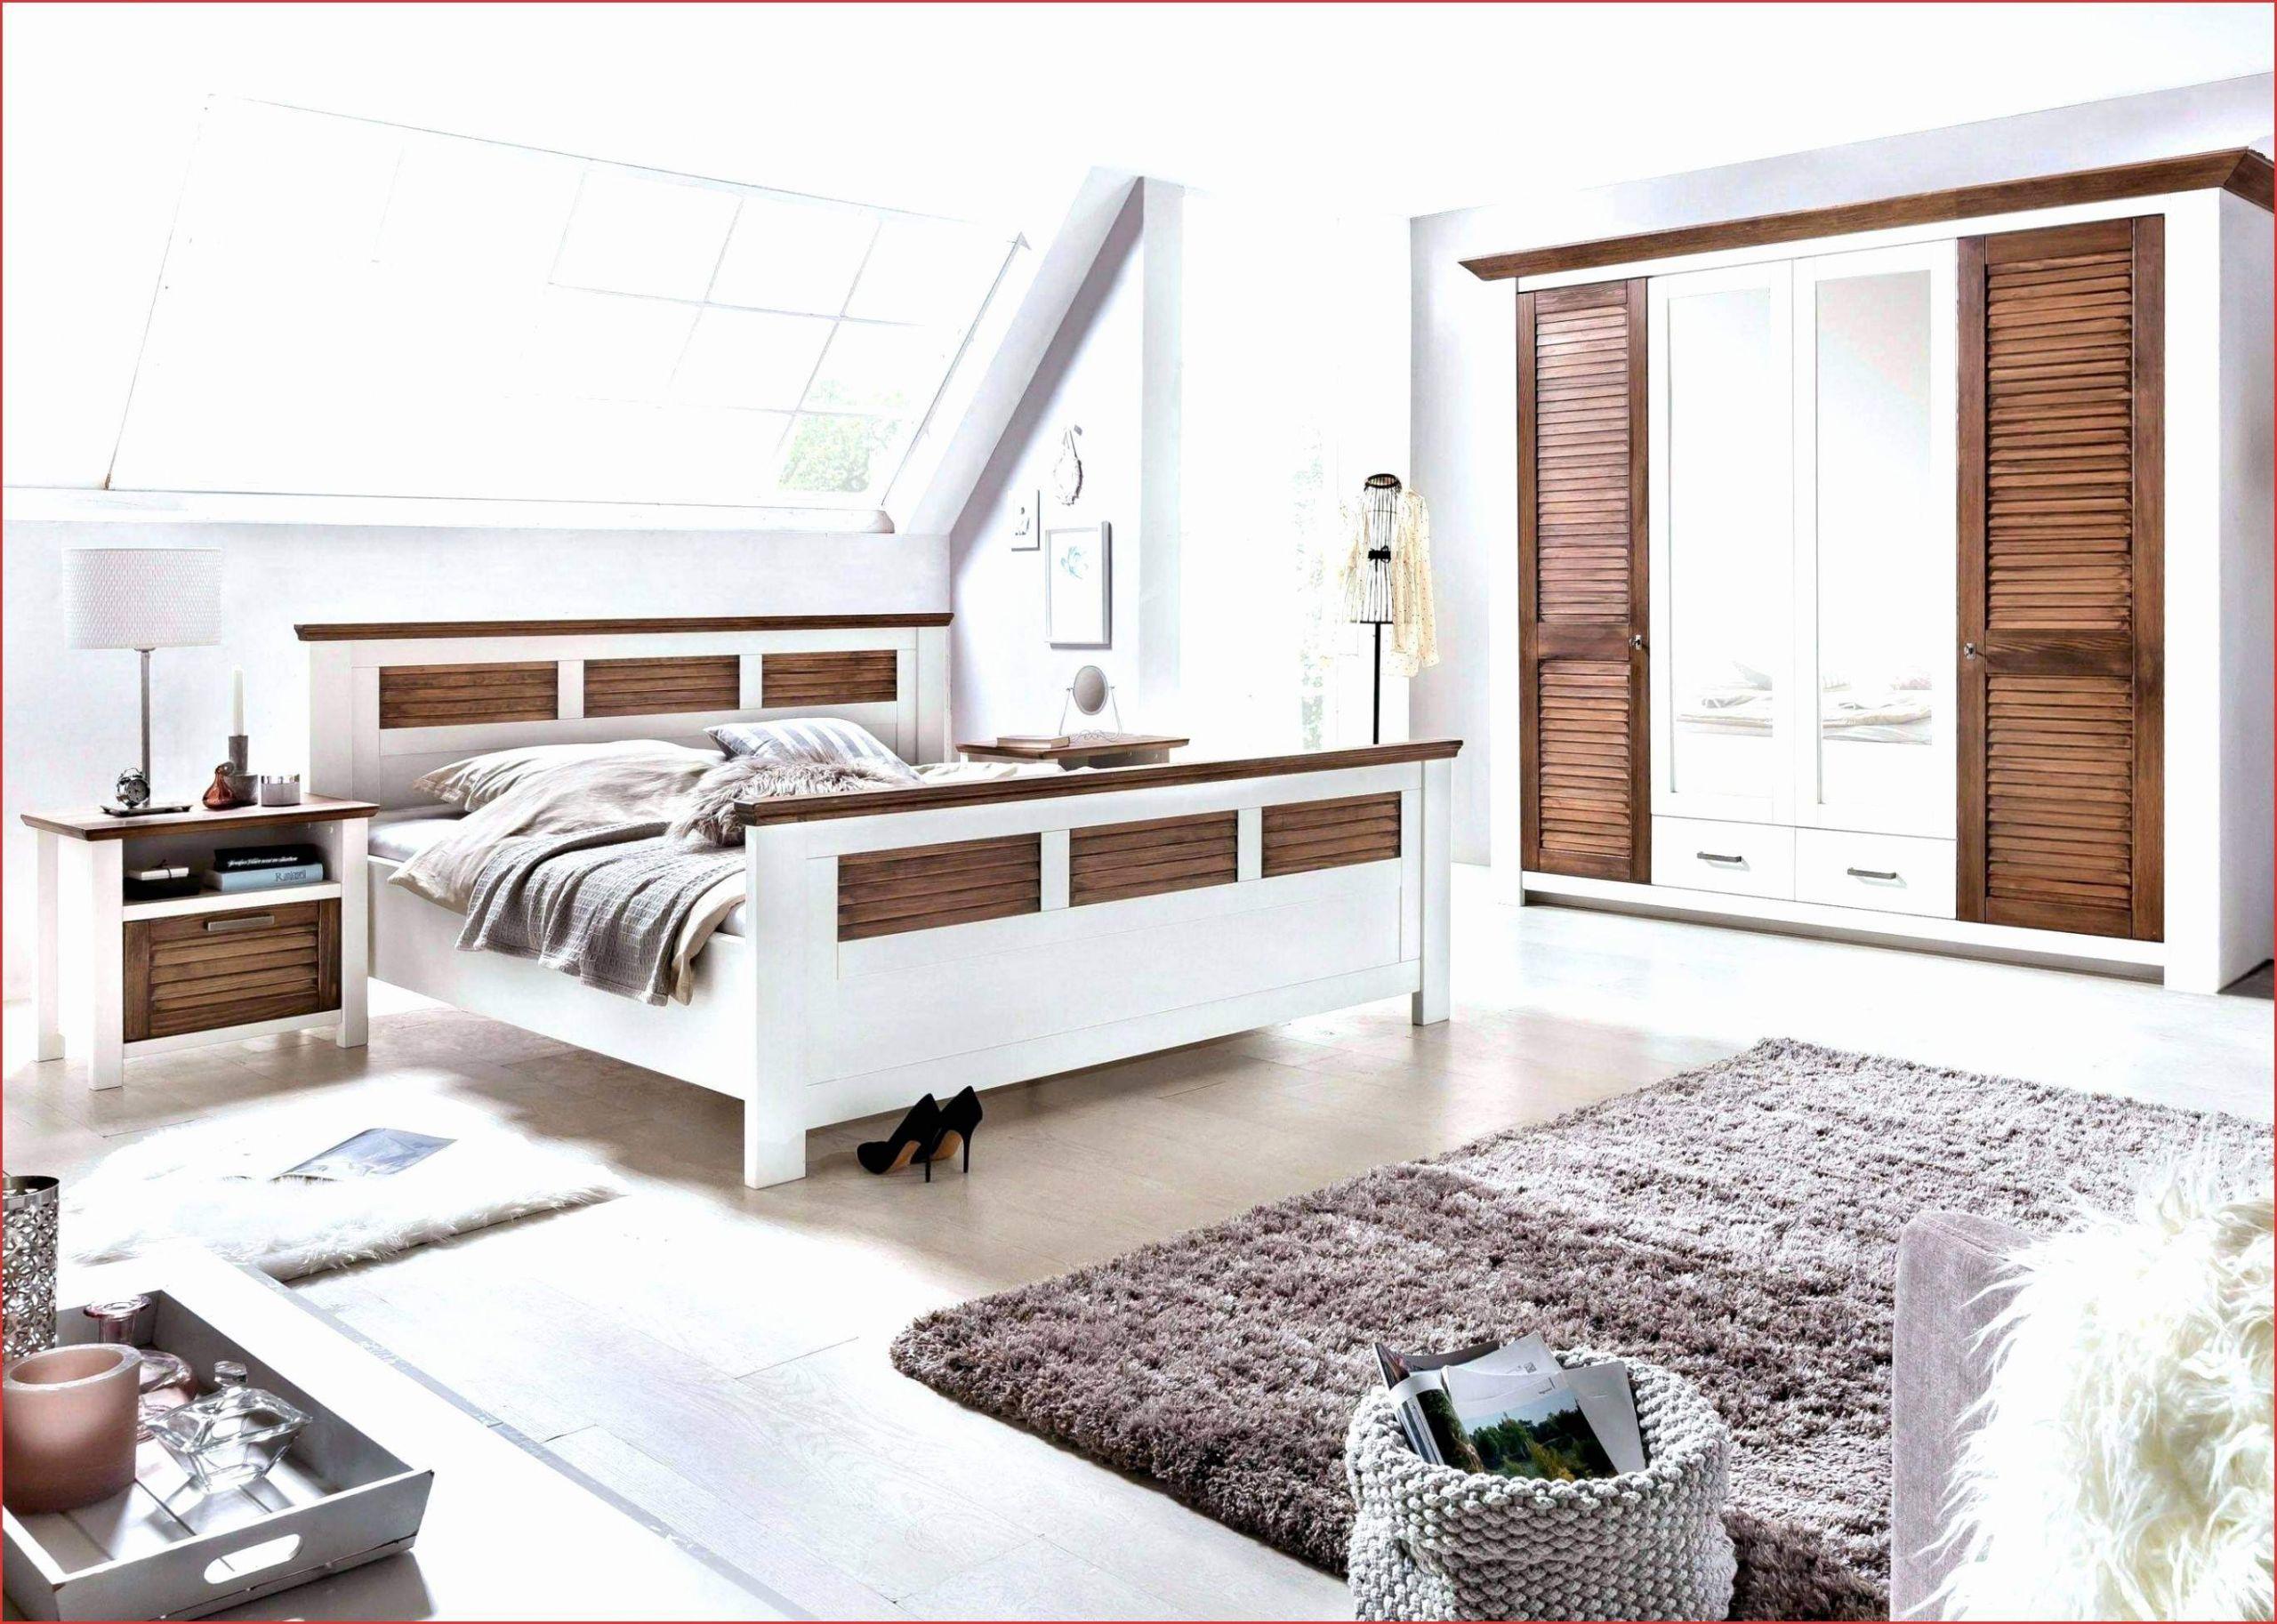 Full Size of Bett Im Schrank Integriert Kaufen Set Kombination Ikea Mit Schrankwand 140x200 Versteckt 140 X 200 Jugendzimmer Schrankbett 180x200 Bett Bett Im Schrank